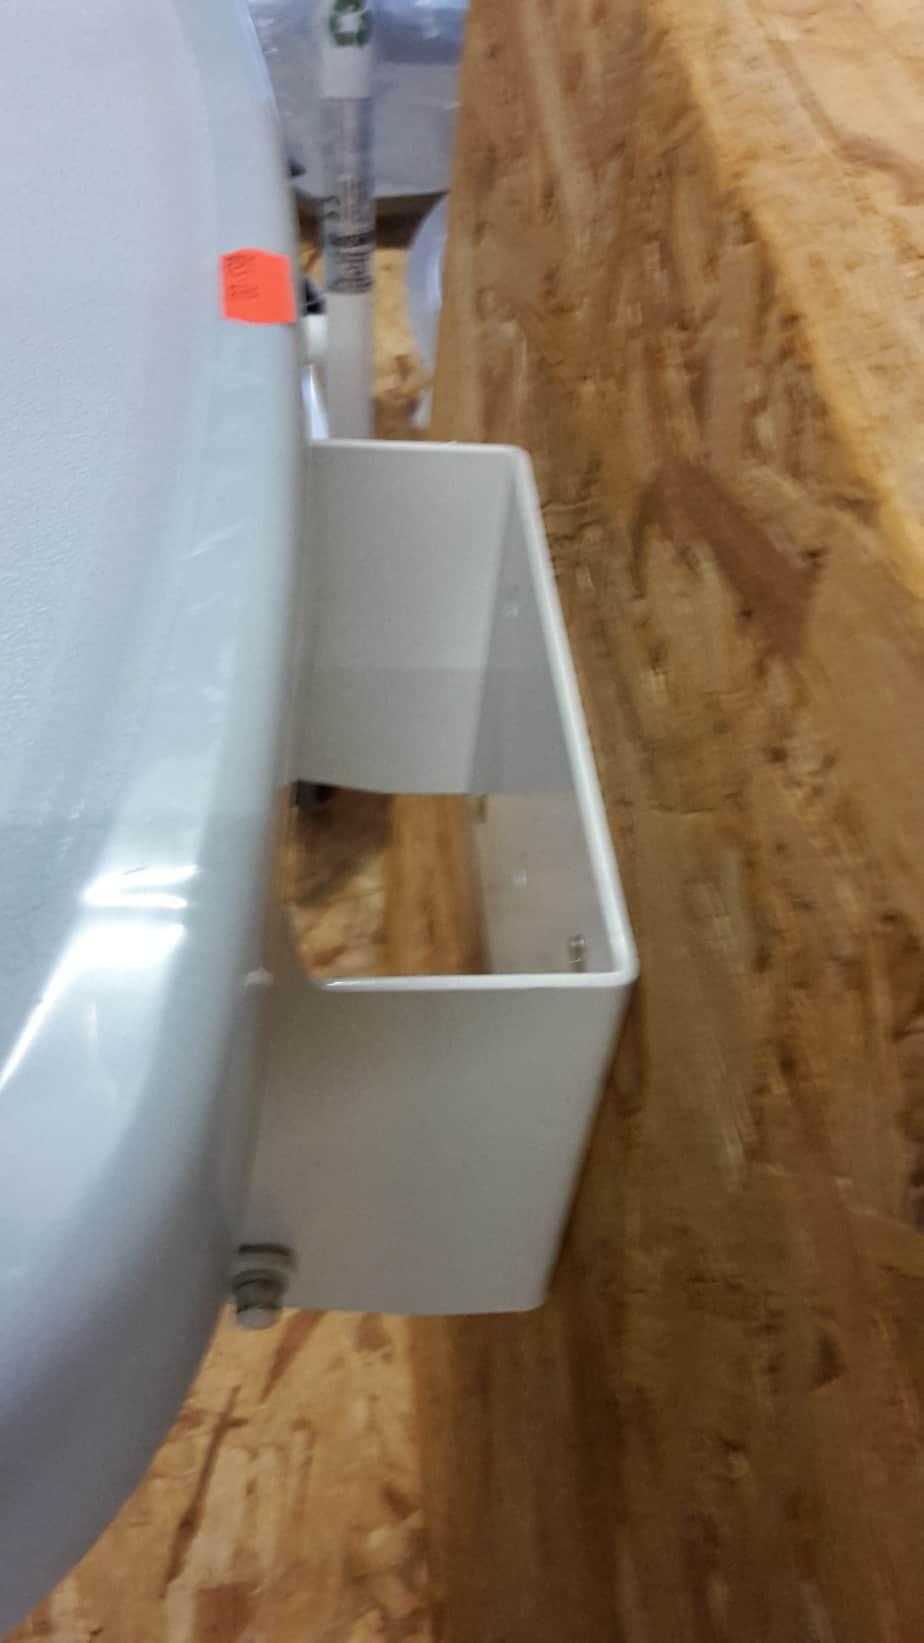 Vaste wand douchestoel zorghulpmiddelen outlet for Vaste zoldertrap incl plaatsen en inmeten